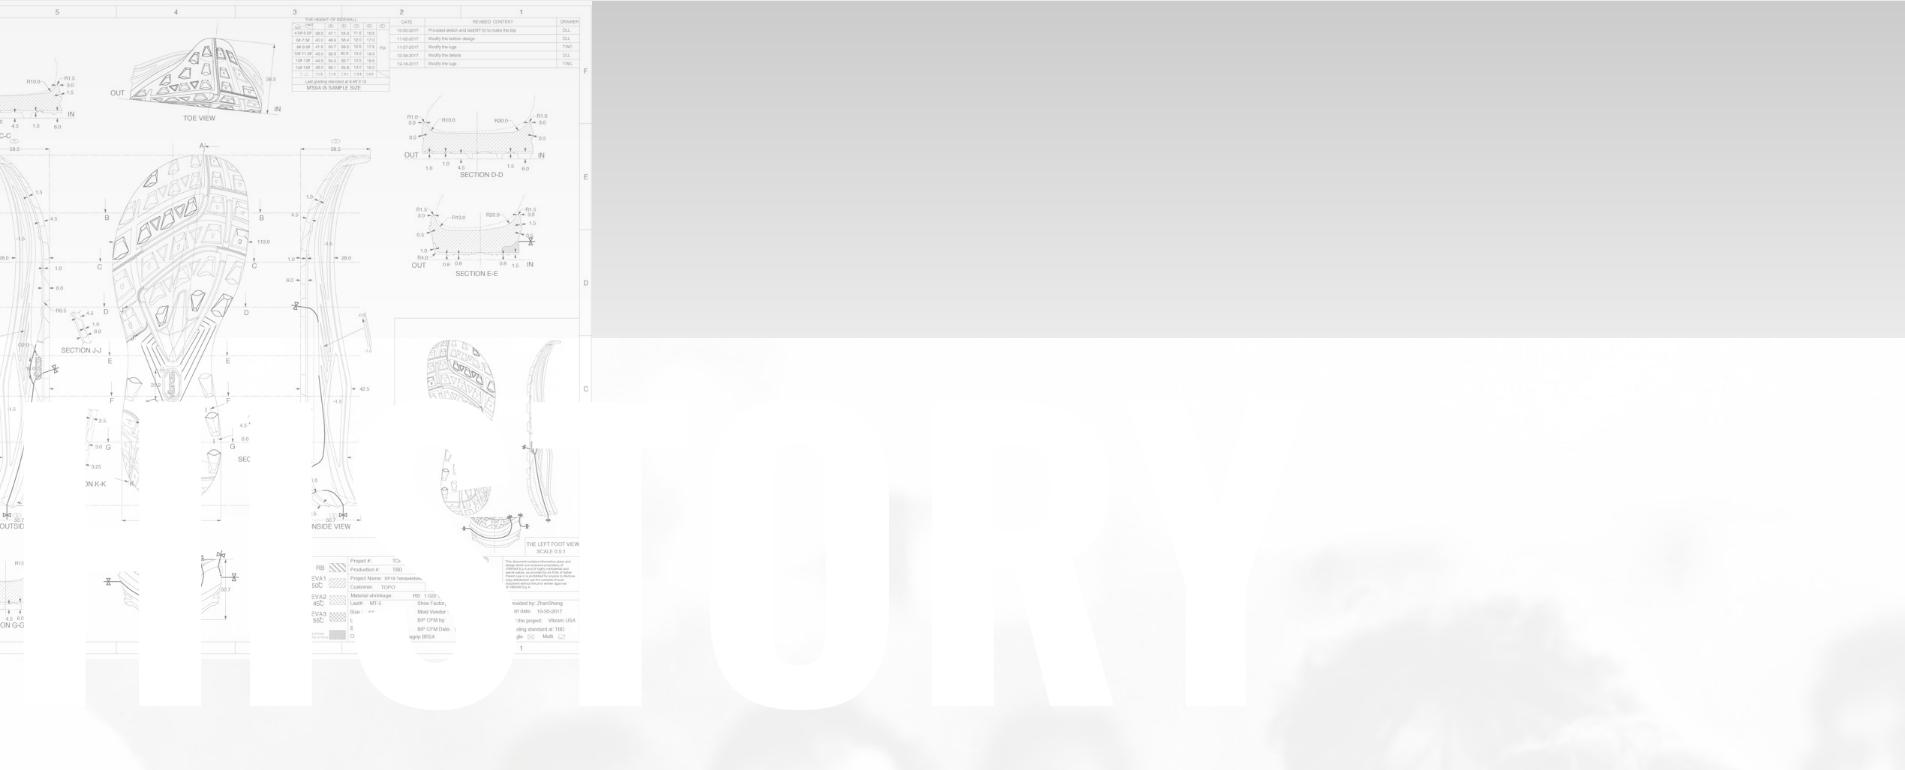 Capture d'écran 2020-03-02 à 18.34.01.